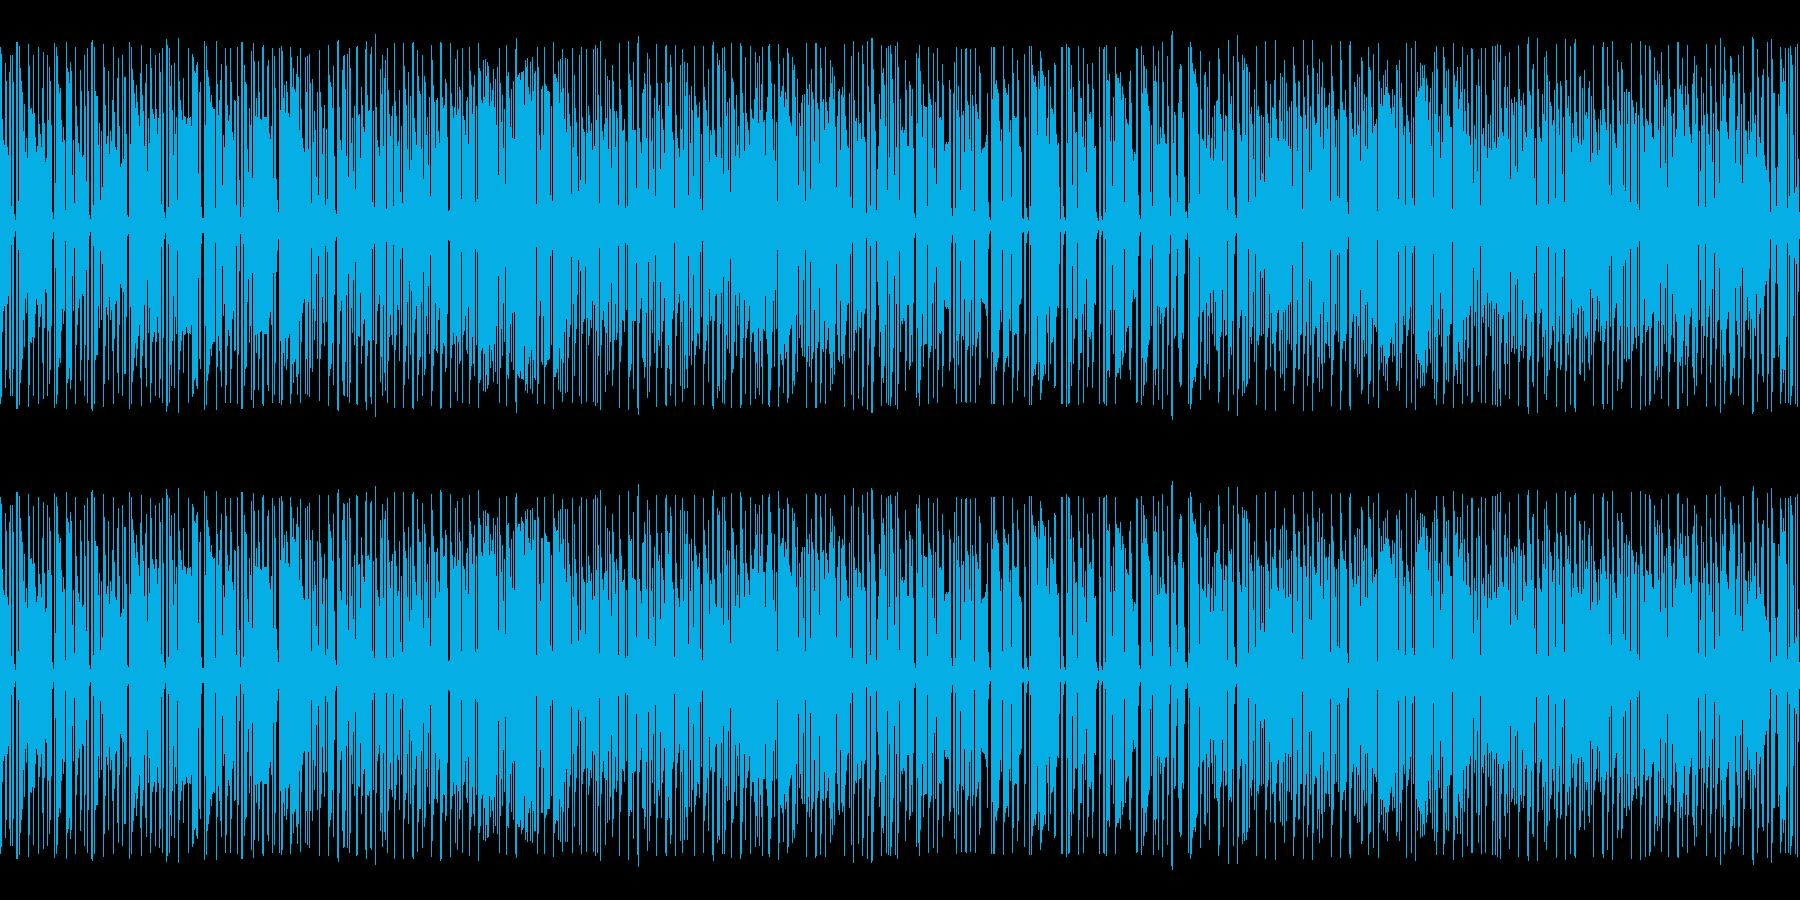 BGM009-03 テーブルゲームやボ…の再生済みの波形